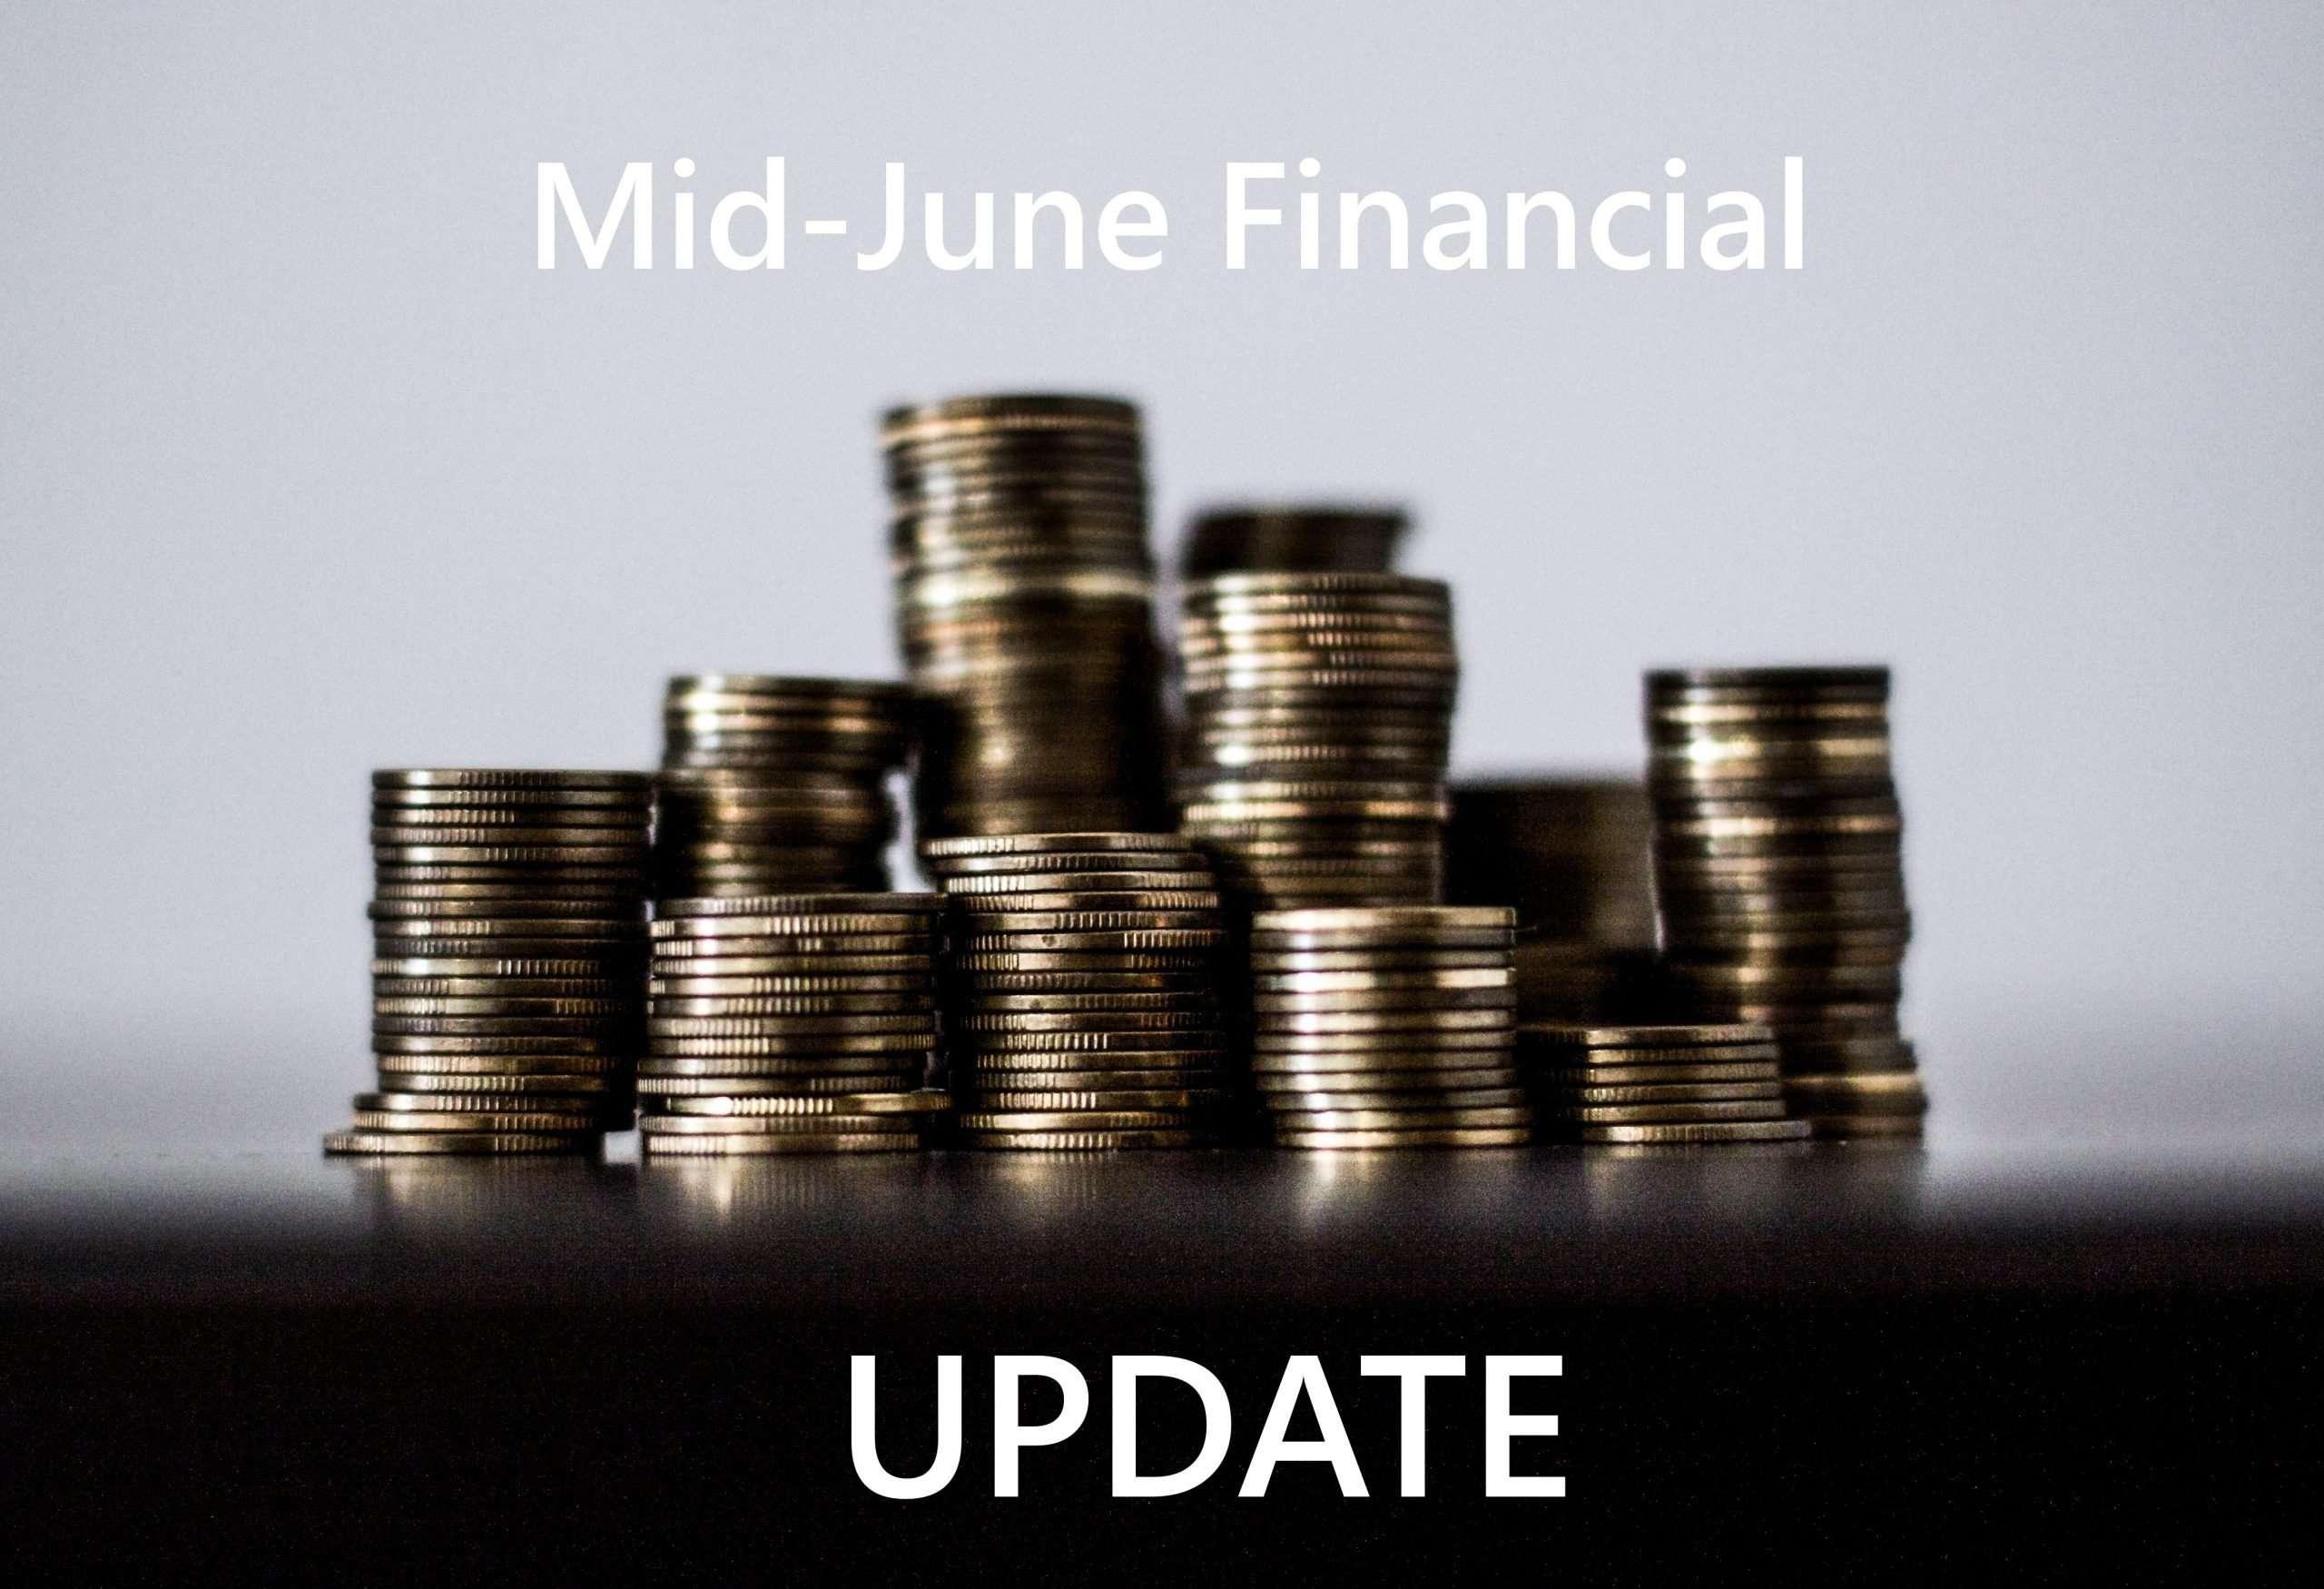 Mid-June Financial Update